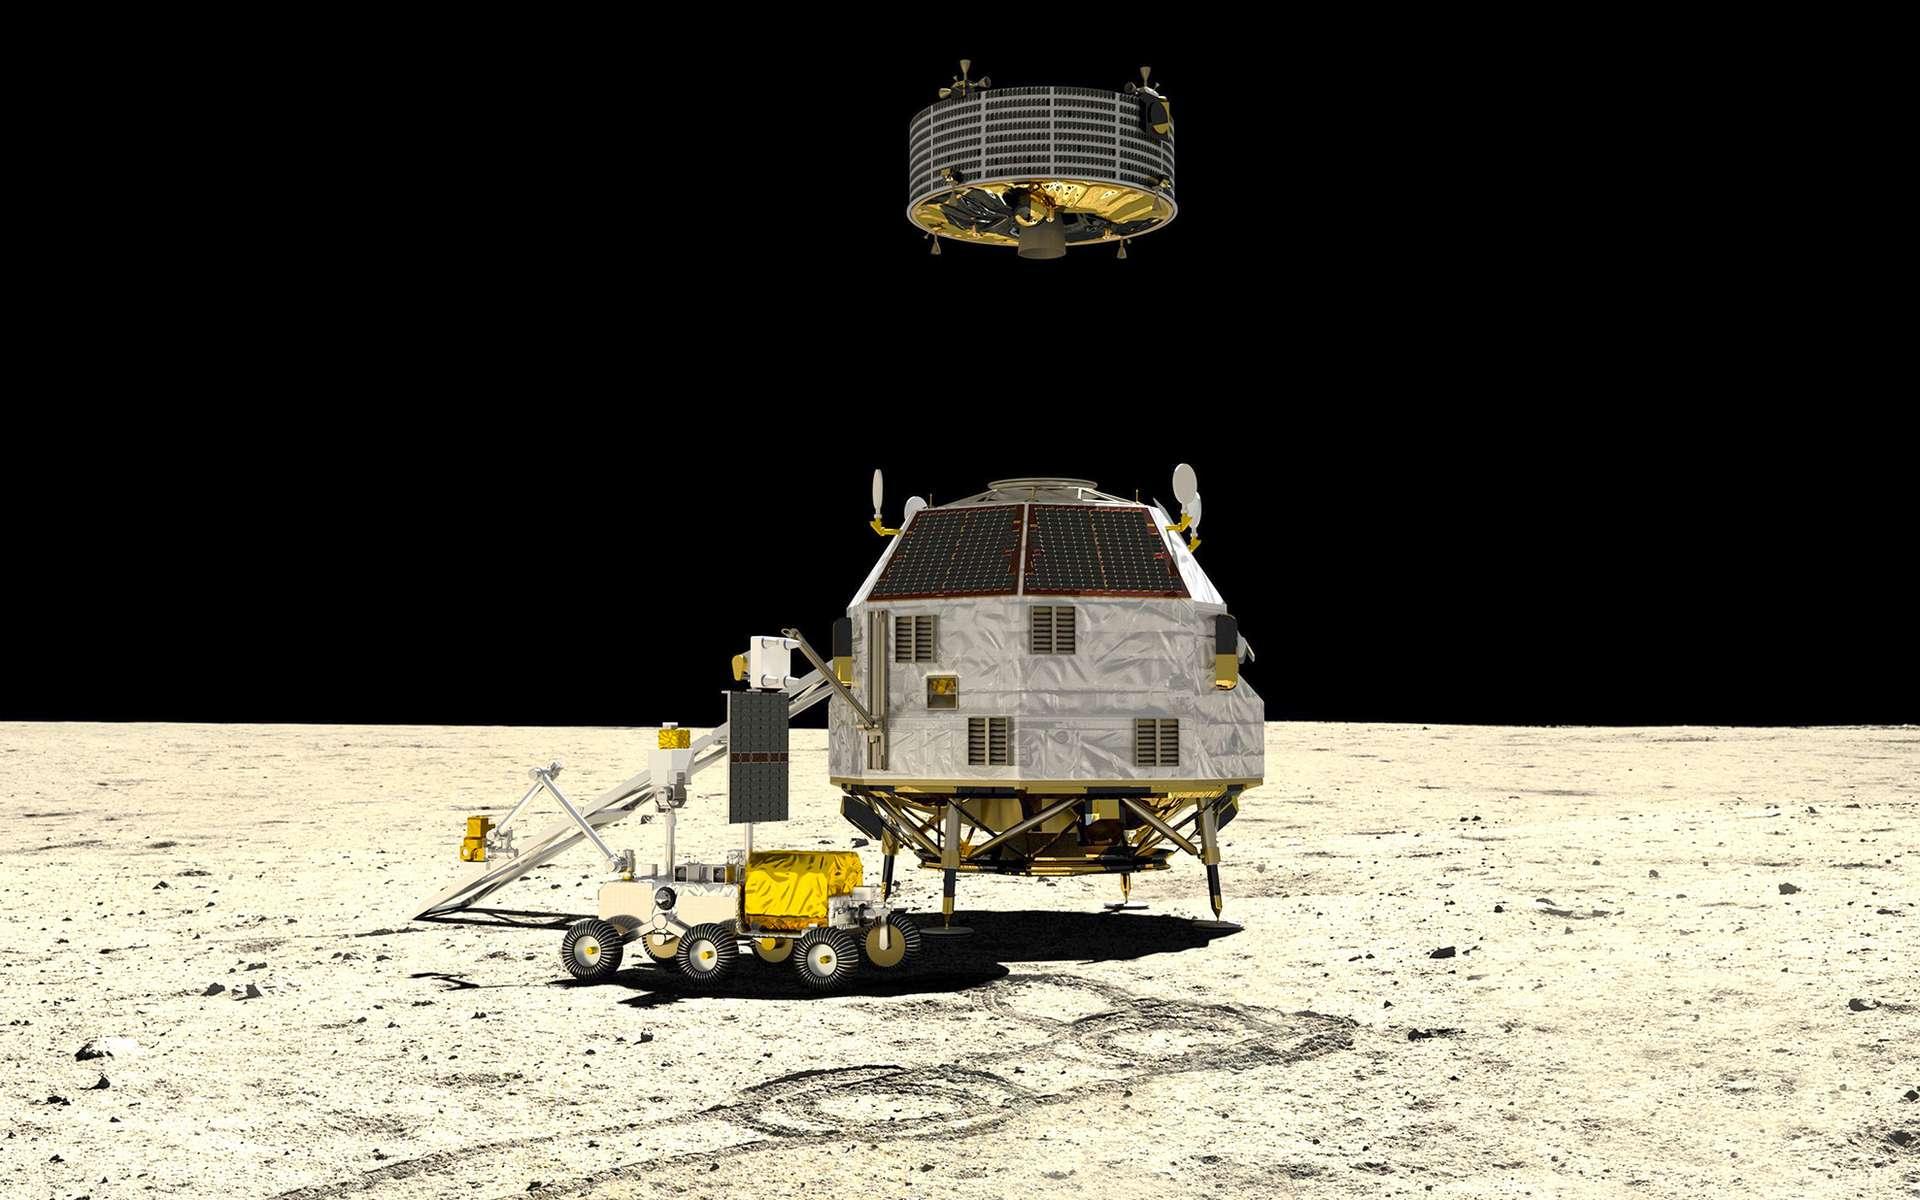 Concept à l'étude de la mission Heracles de retour d'échantillons lunaires de l'Agence spatiale européenne. © ESA